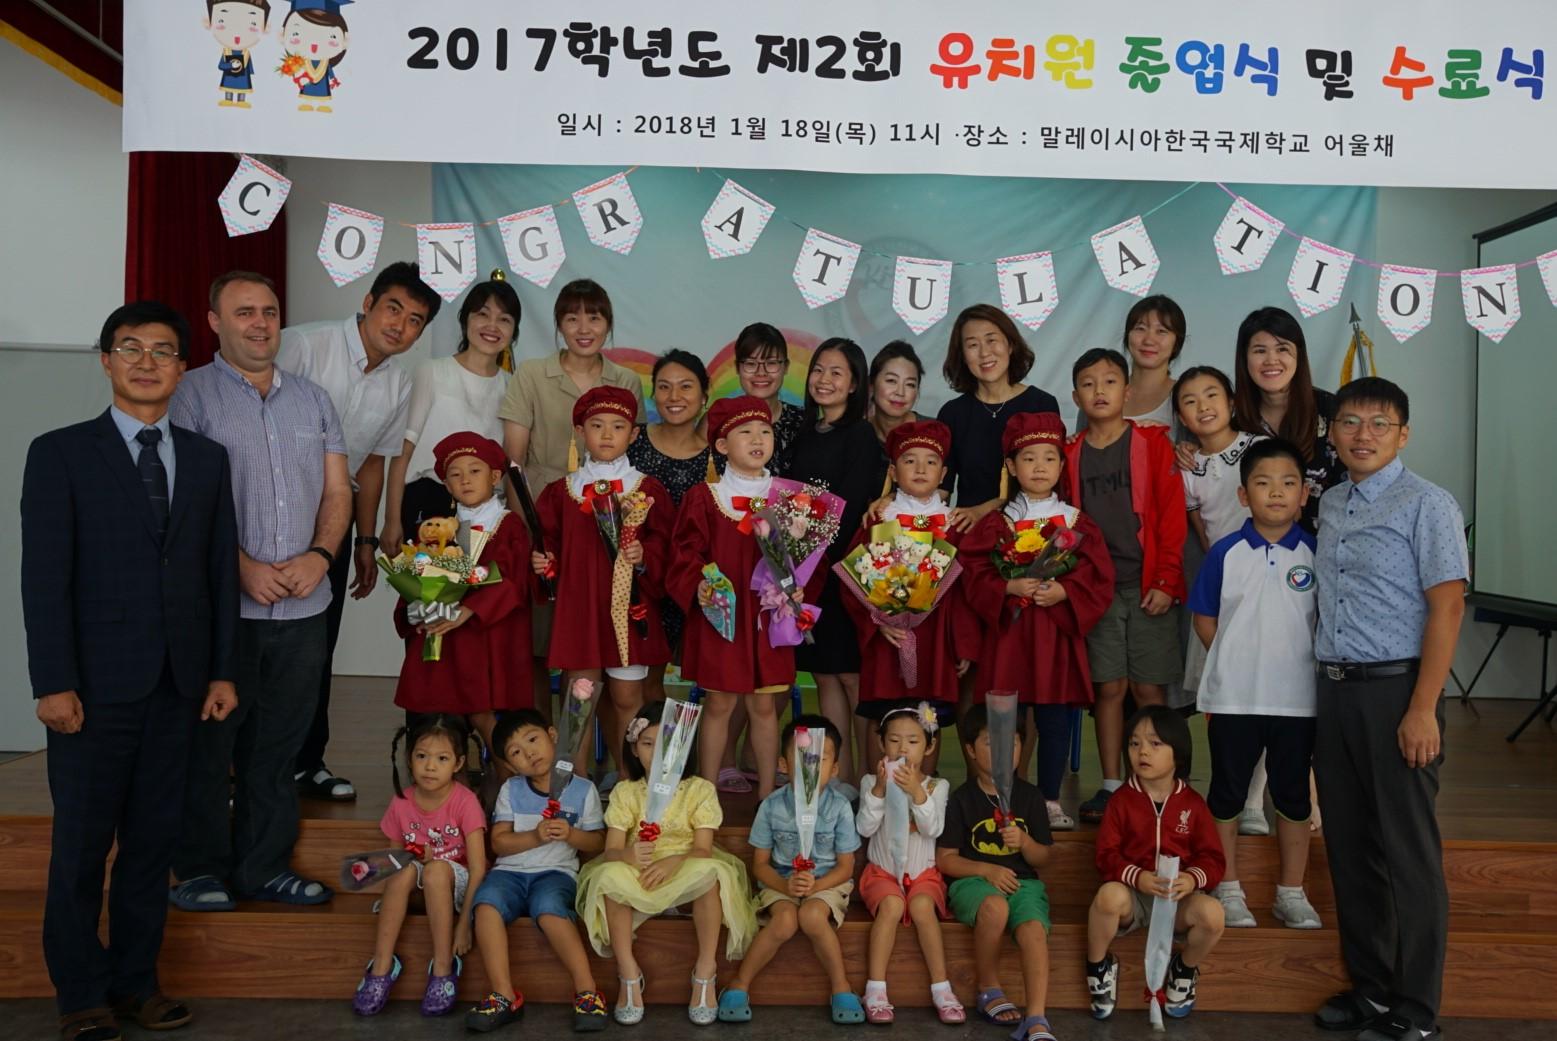 2017유치원 졸업식.jpg